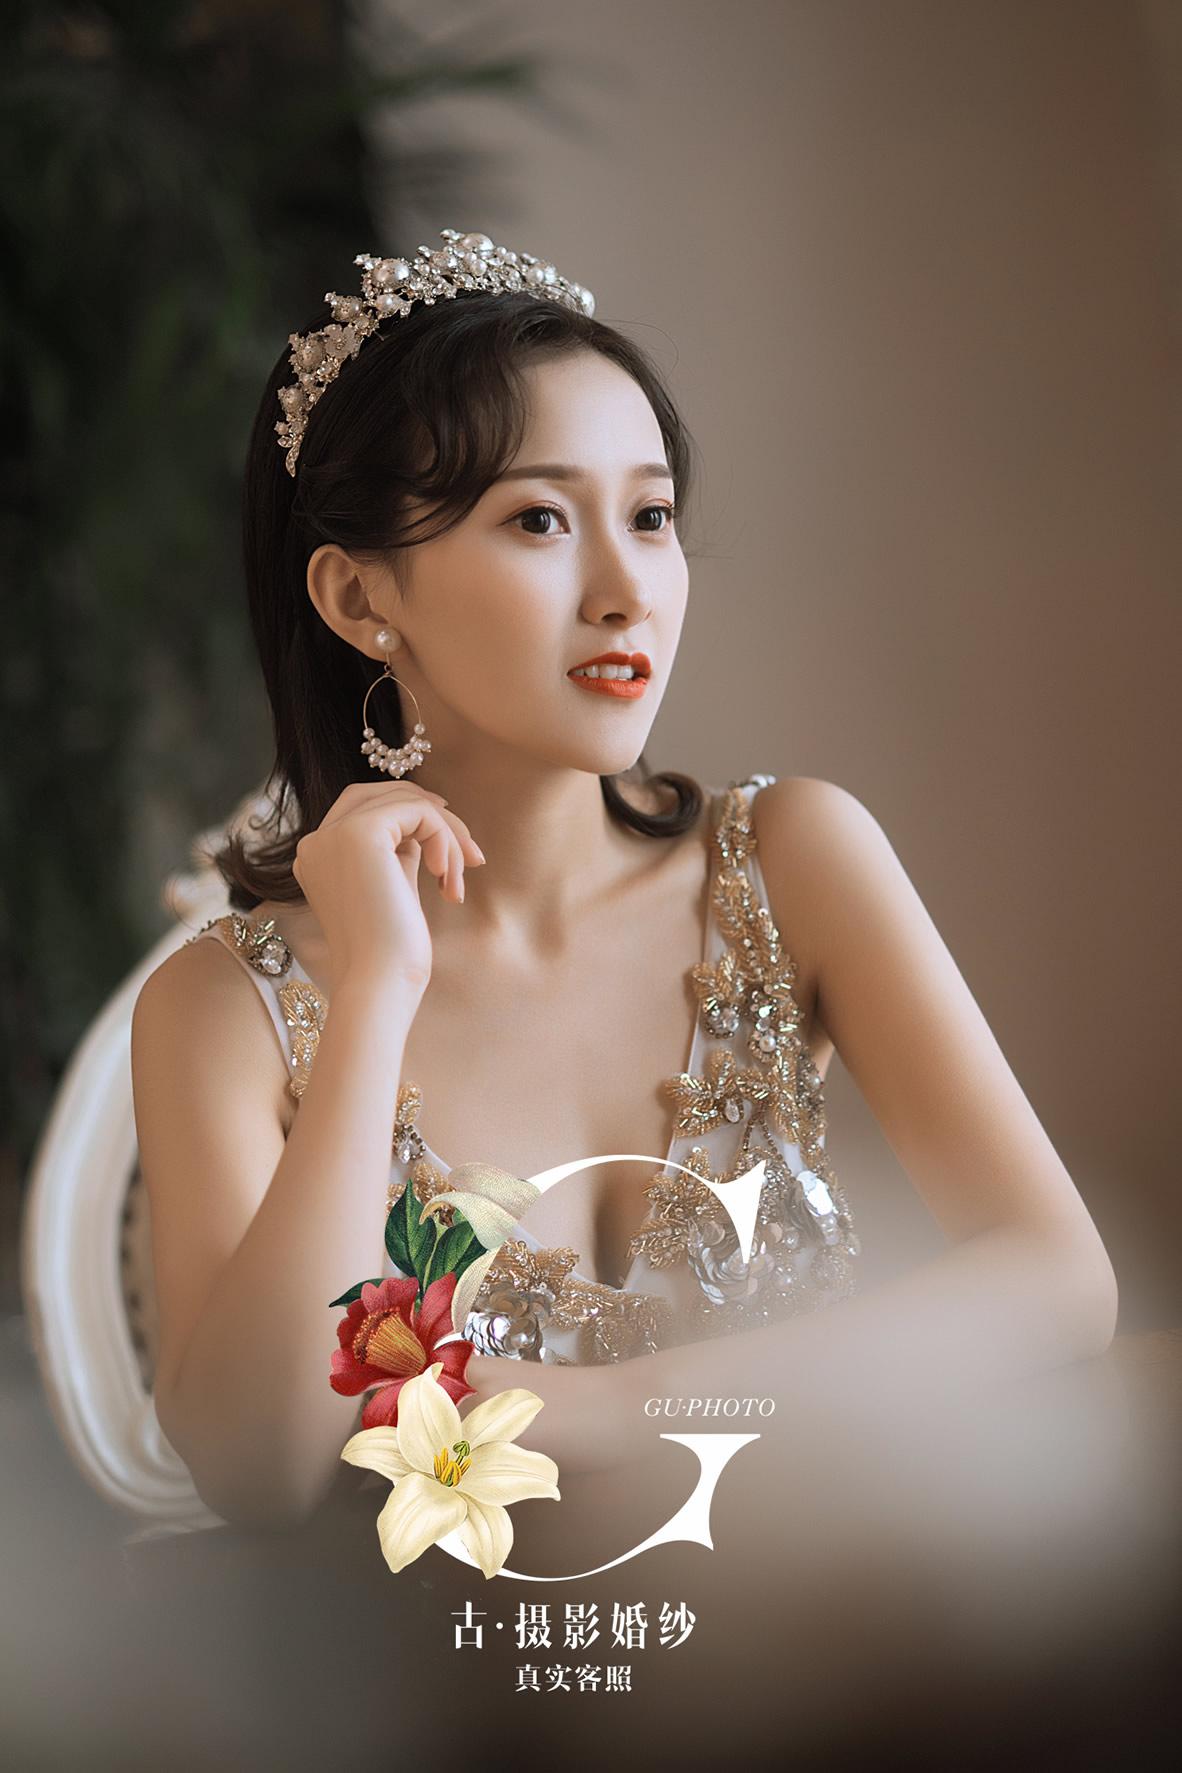 肖先生 周小姐 - 每日客照 - 古摄影婚纱艺术-古摄影成都婚纱摄影艺术摄影网